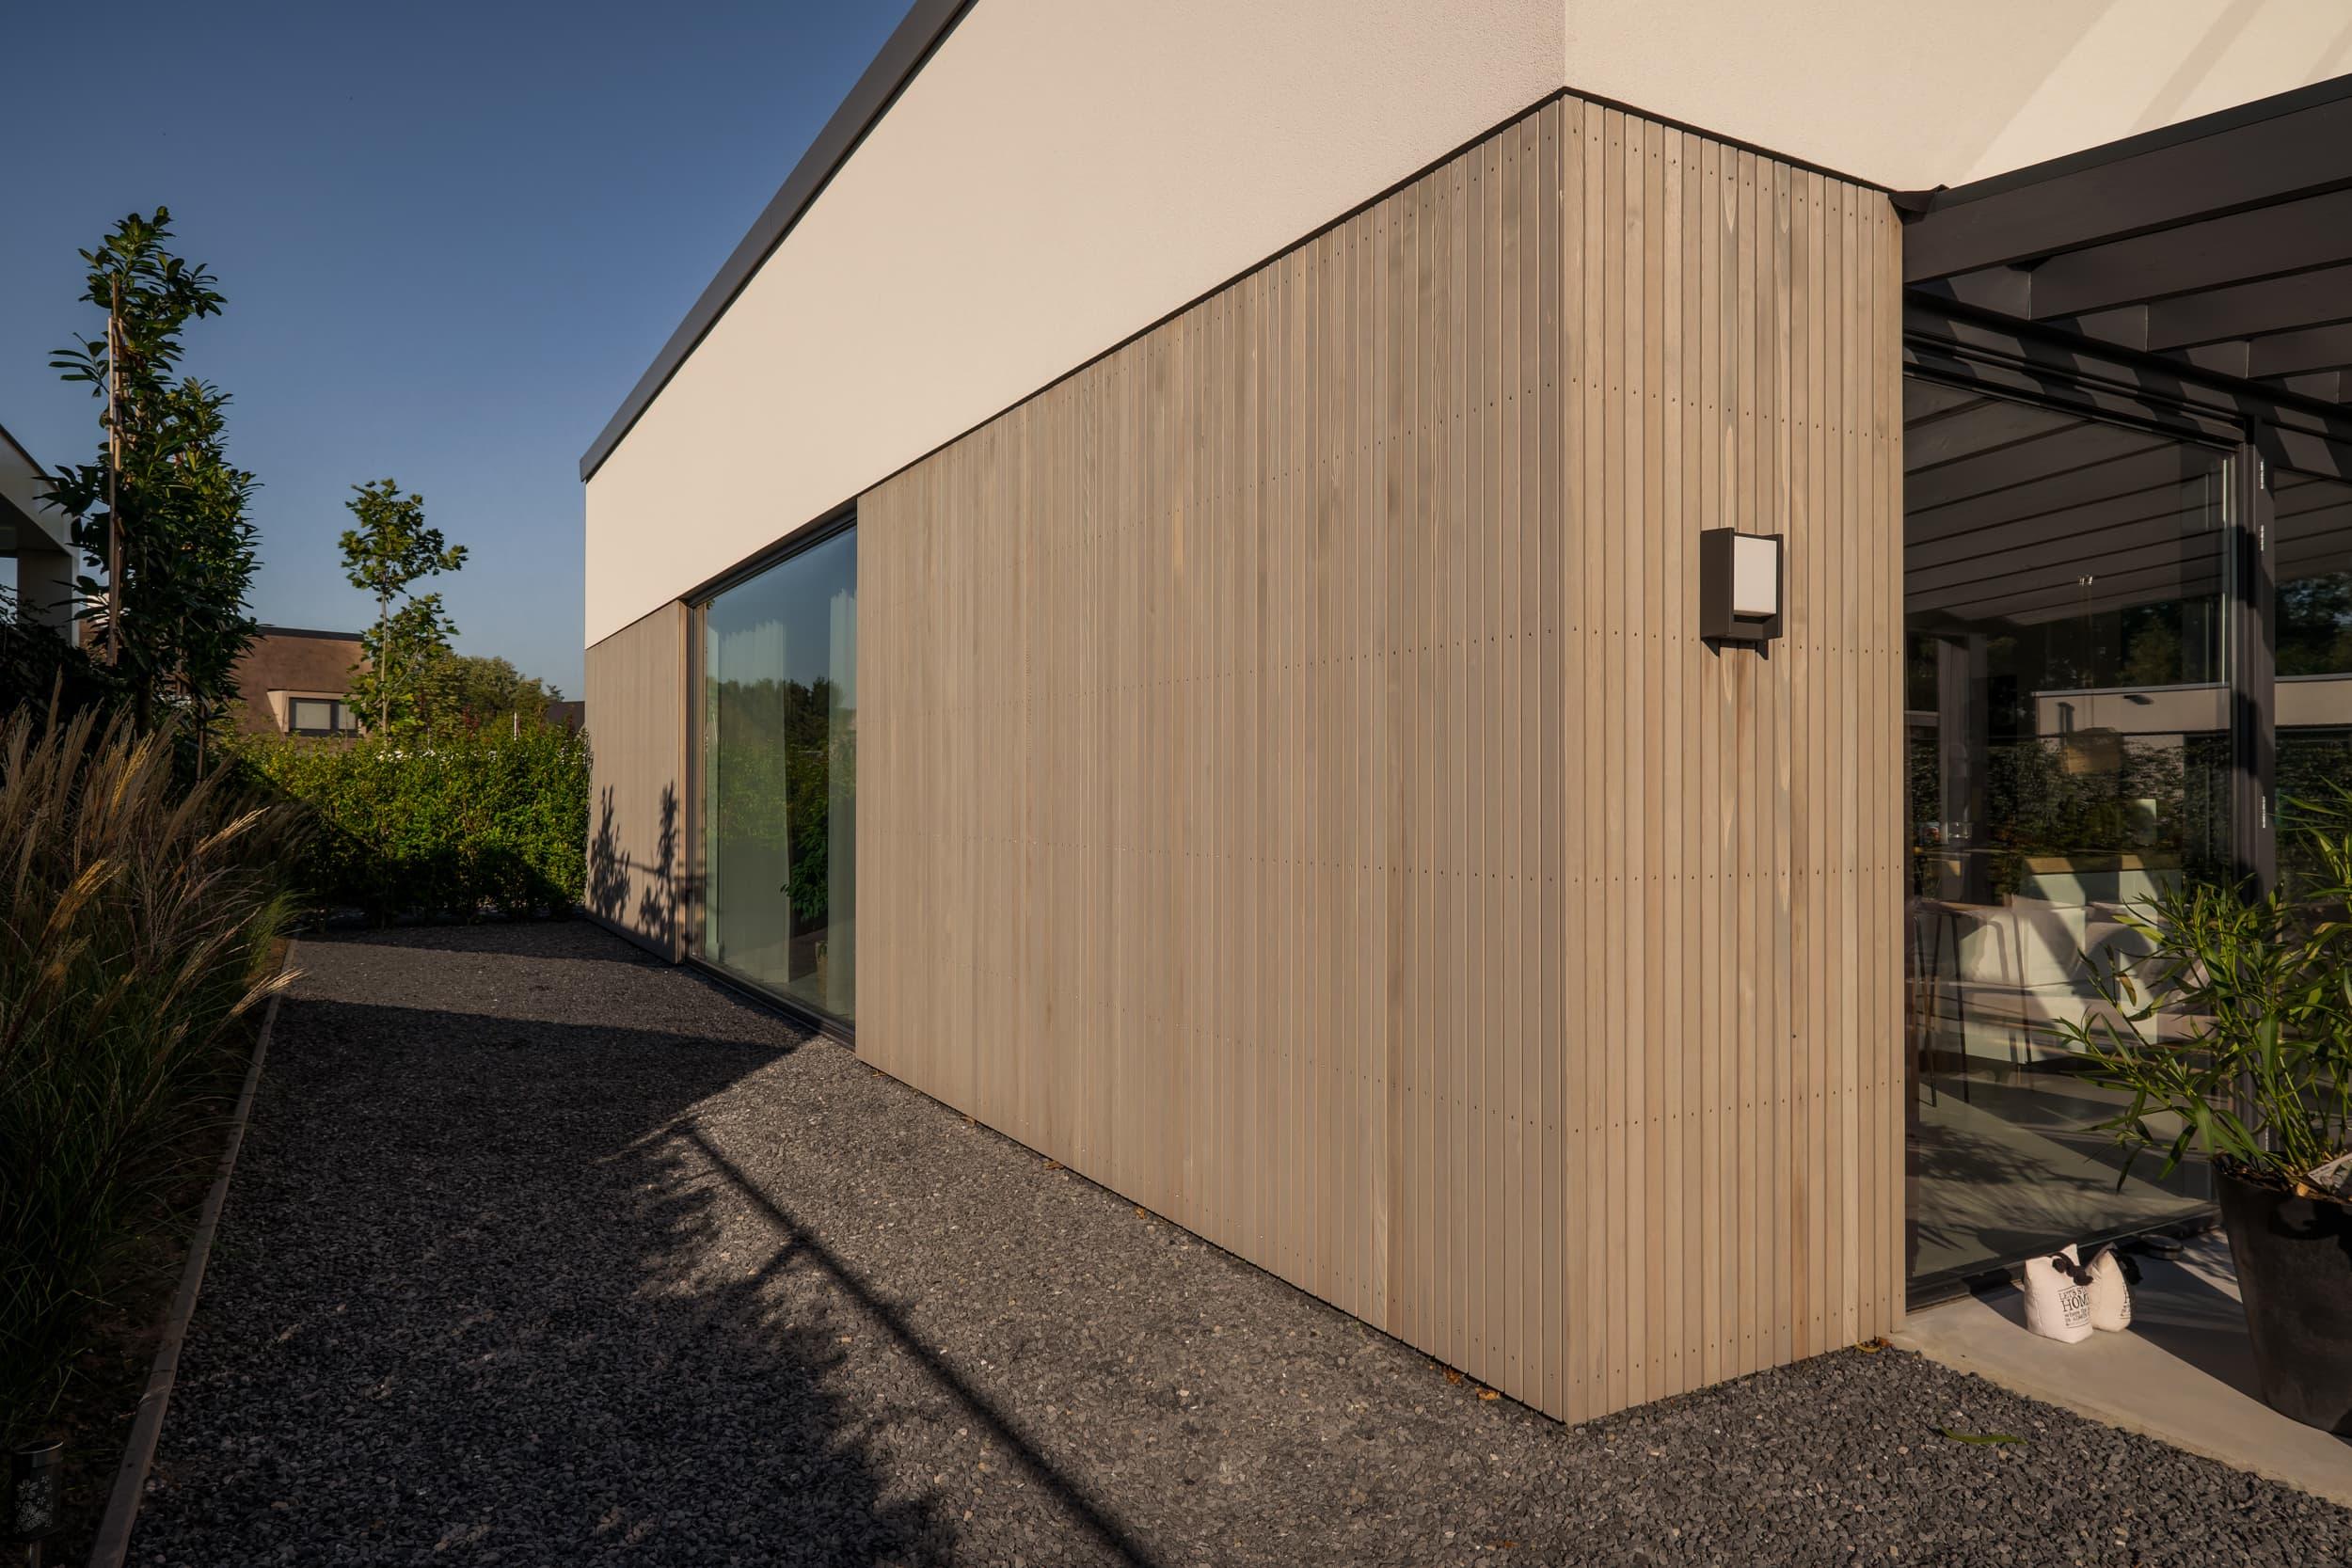 van-os-architecten-nieuwbouw-woning-Hoge-Gouw-Teteringen-westgevel-met-grote-glazen-pui